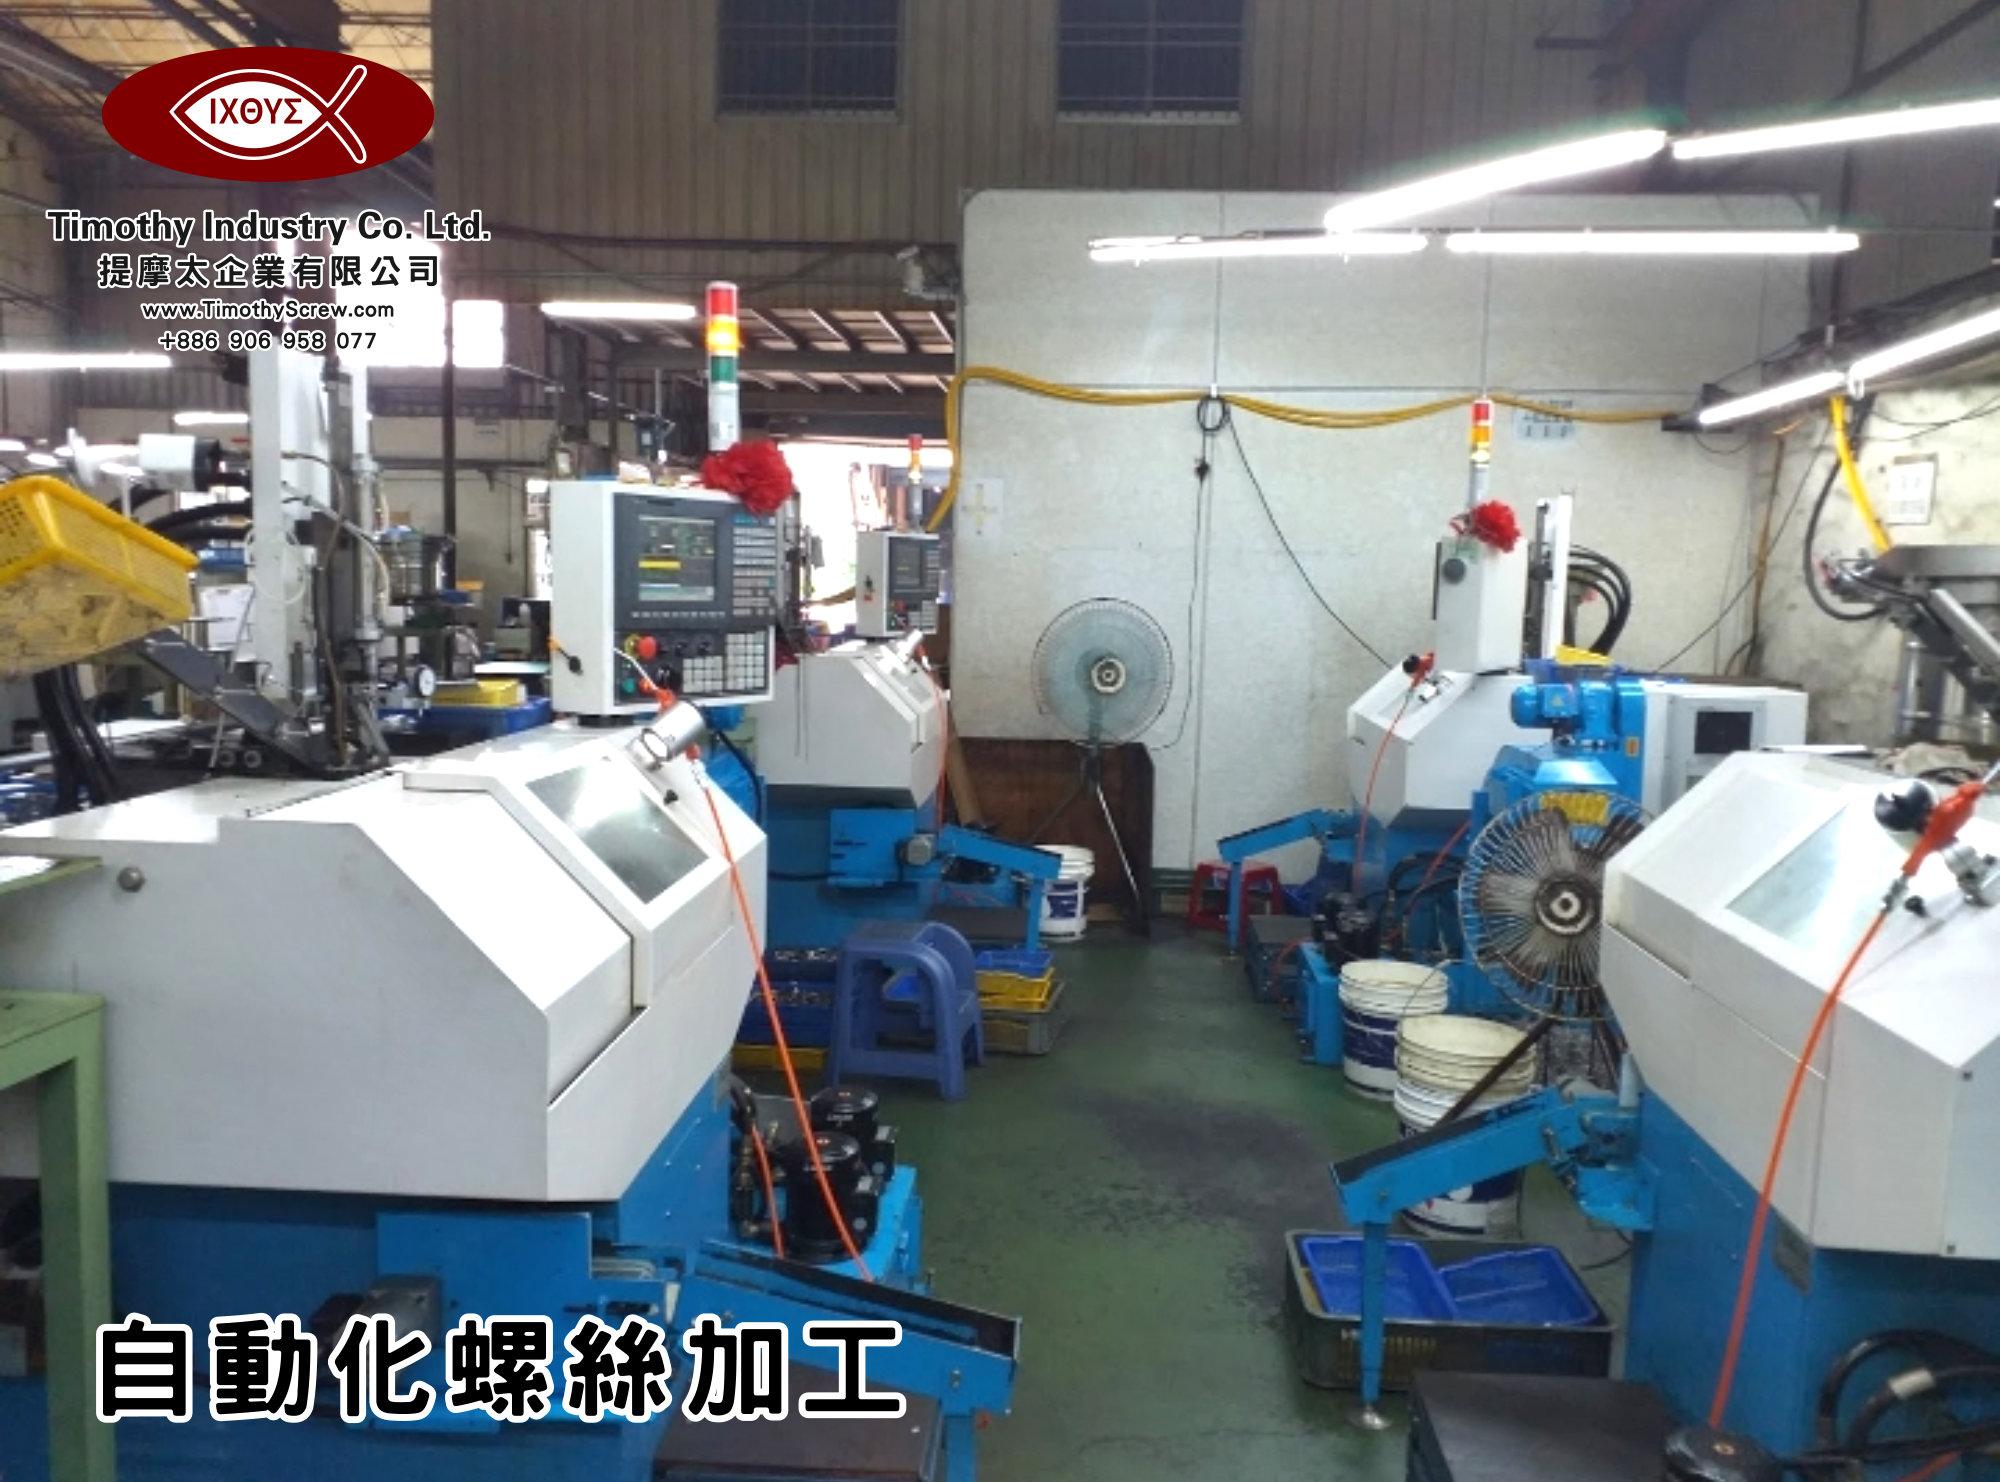 提摩太企業有限公司 Timothy Industry Co Ltd 自動化螺絲加工 車床部 銑床部 台灣自動化螺絲加工 螺絲製造 A05